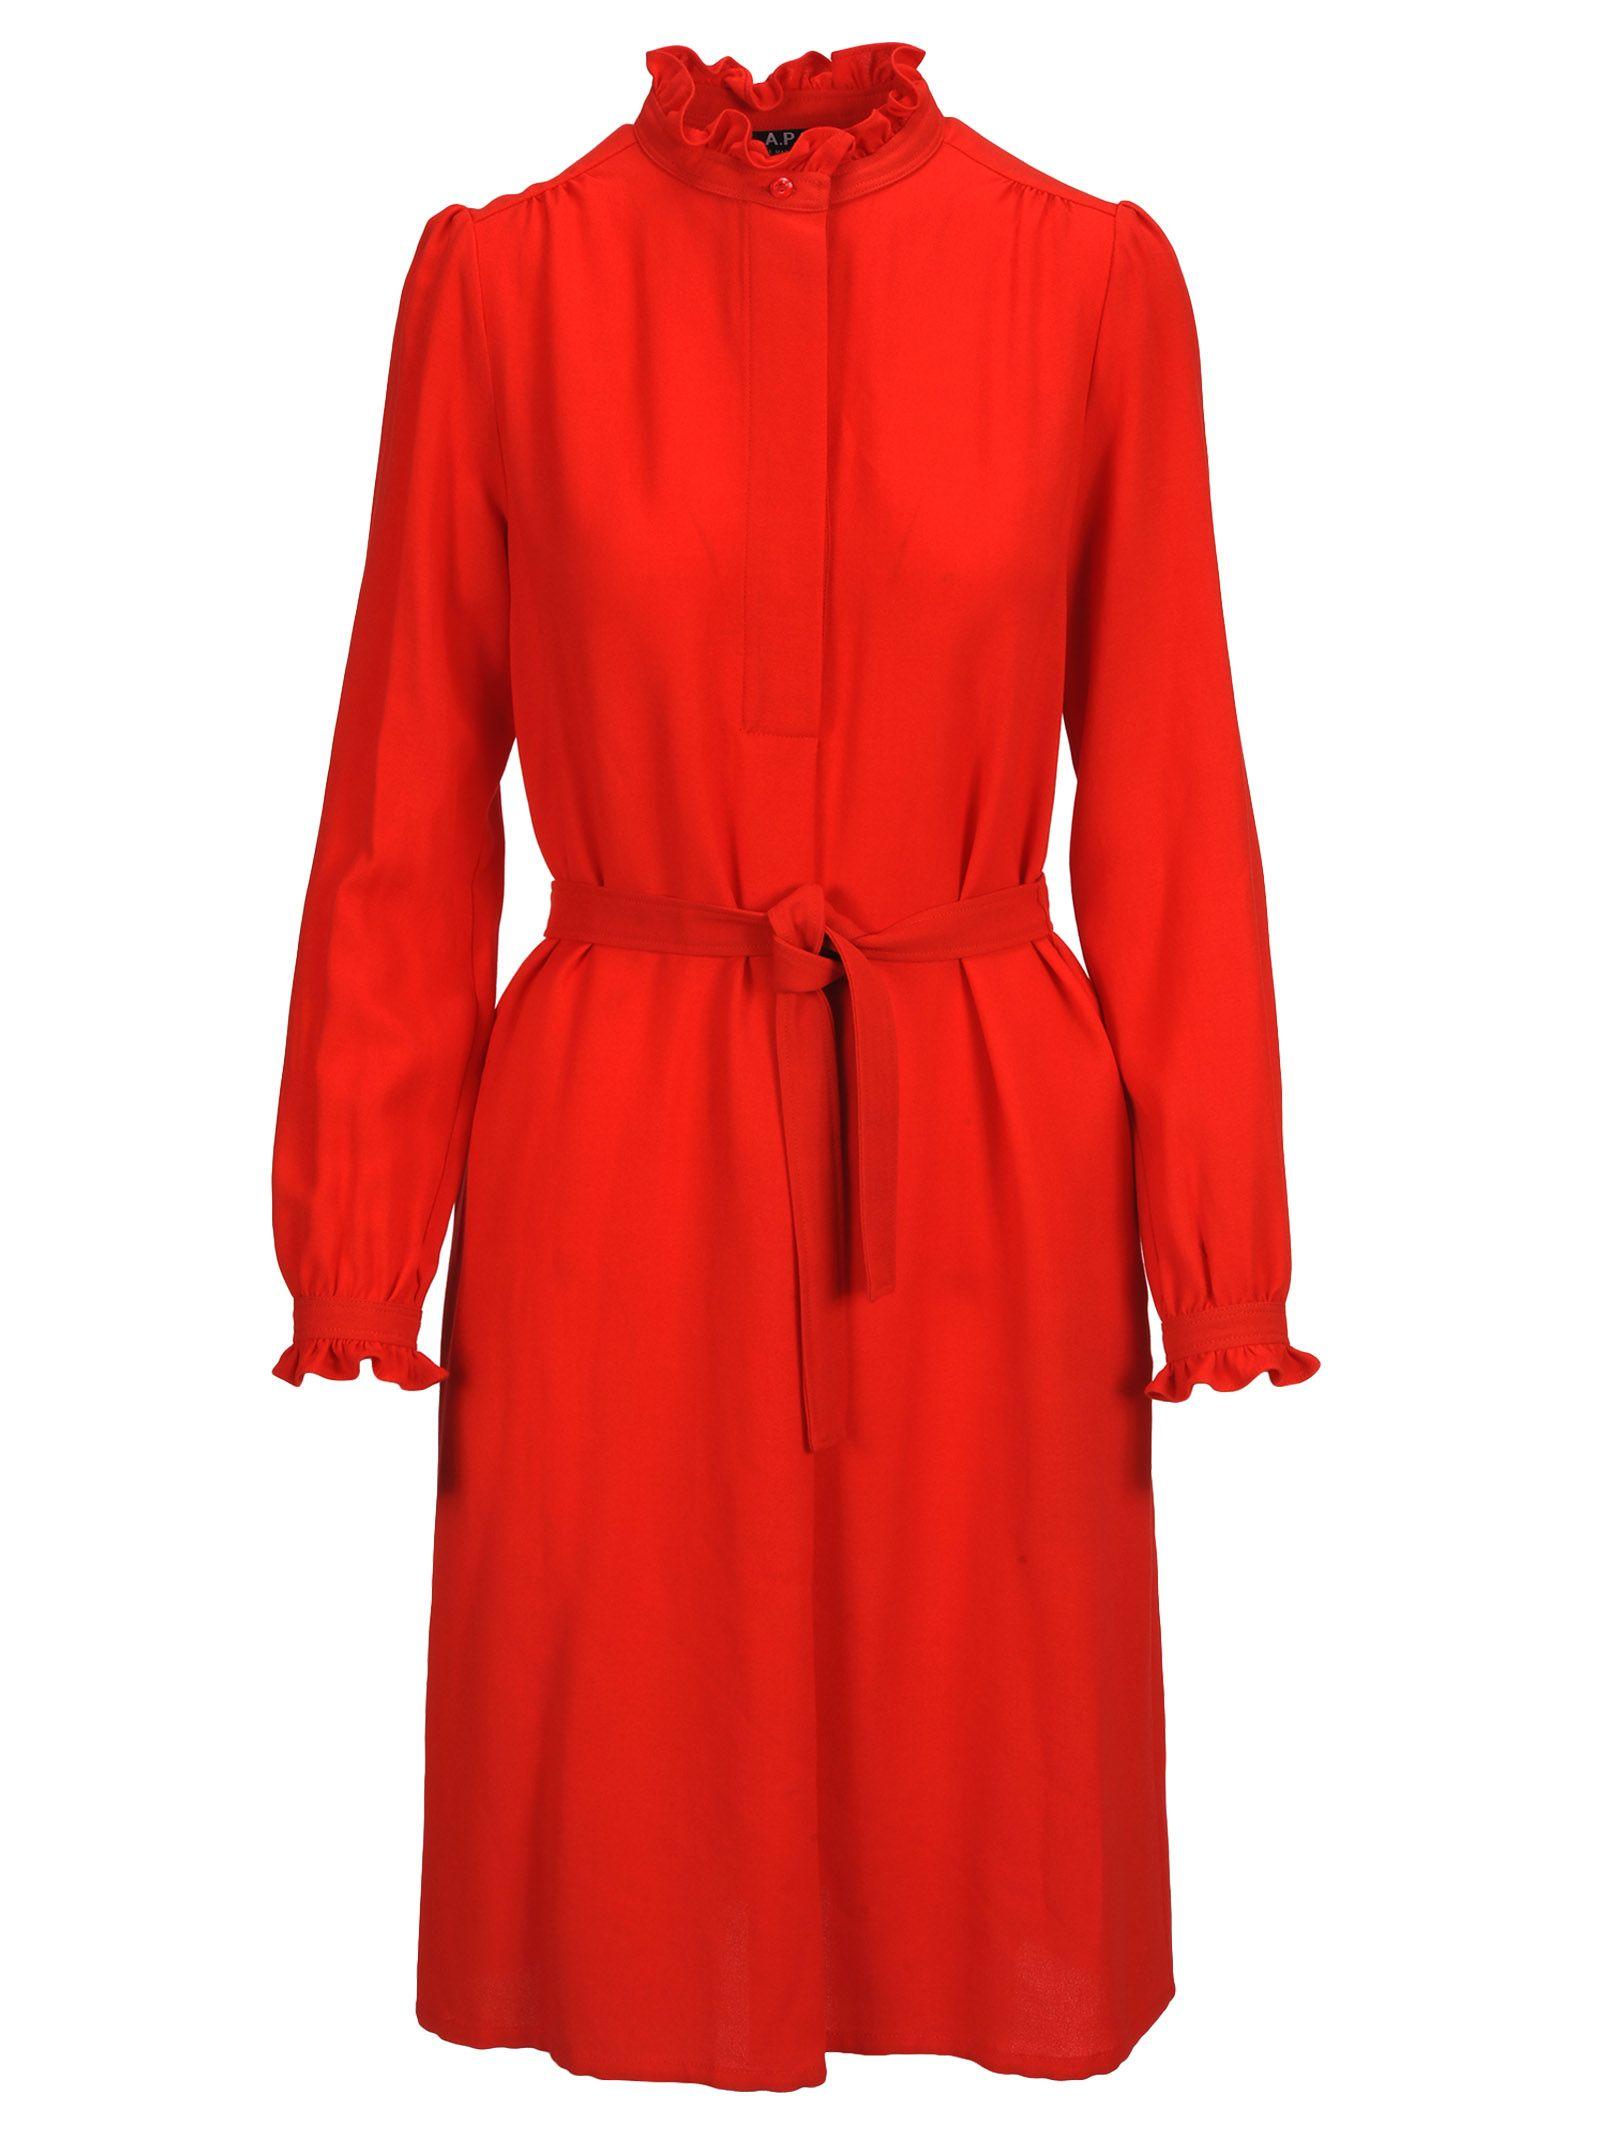 A.P.C. Dress Astor, Red